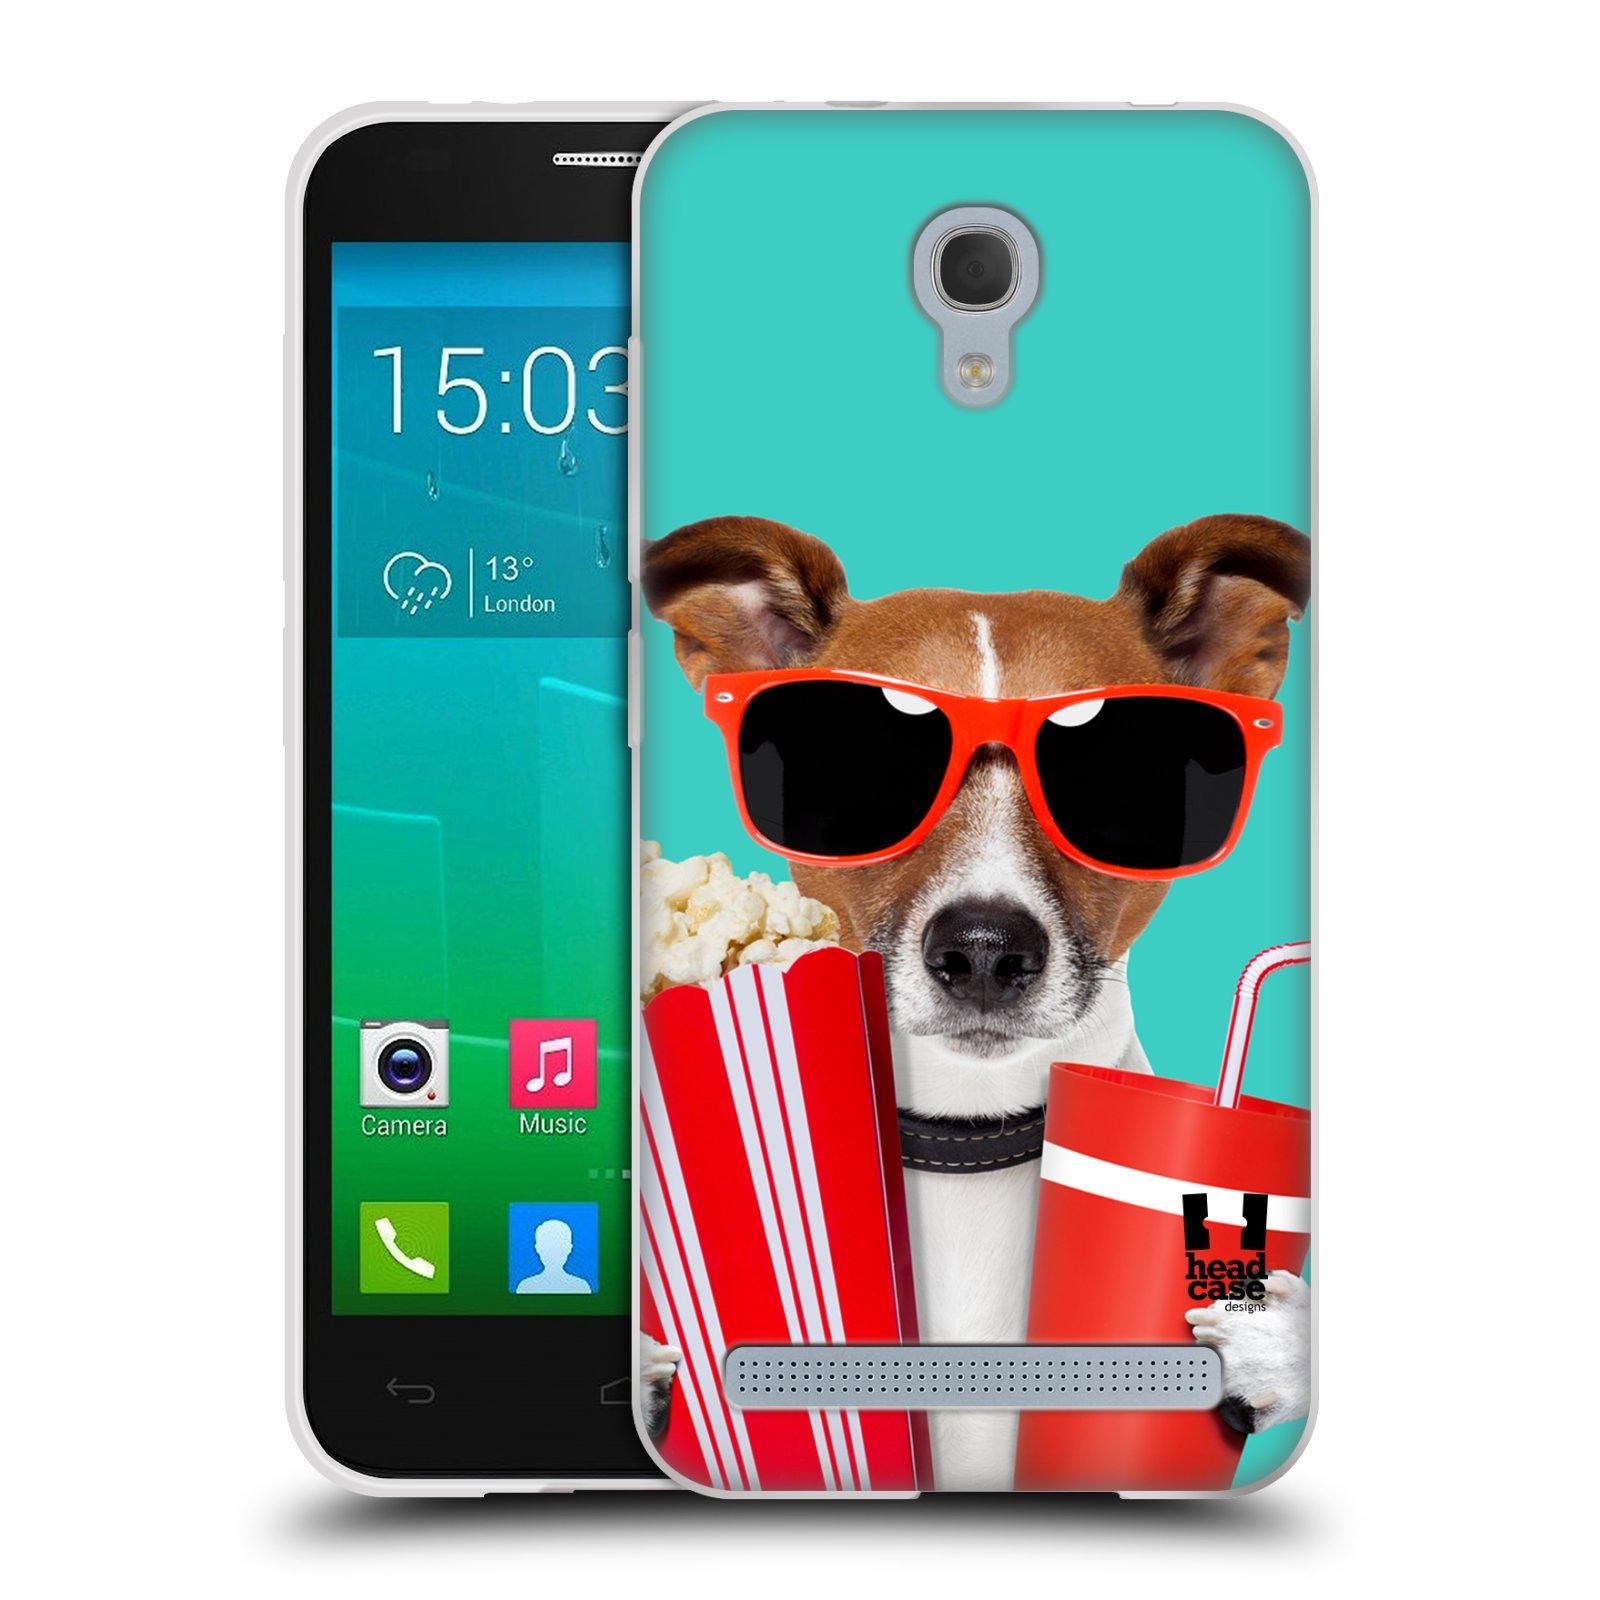 HEAD CASE silikonový obal na mobil Alcatel Idol 2 MINI S 6036Y vzor Legrační zvířátka pejsek v kině s popkornem